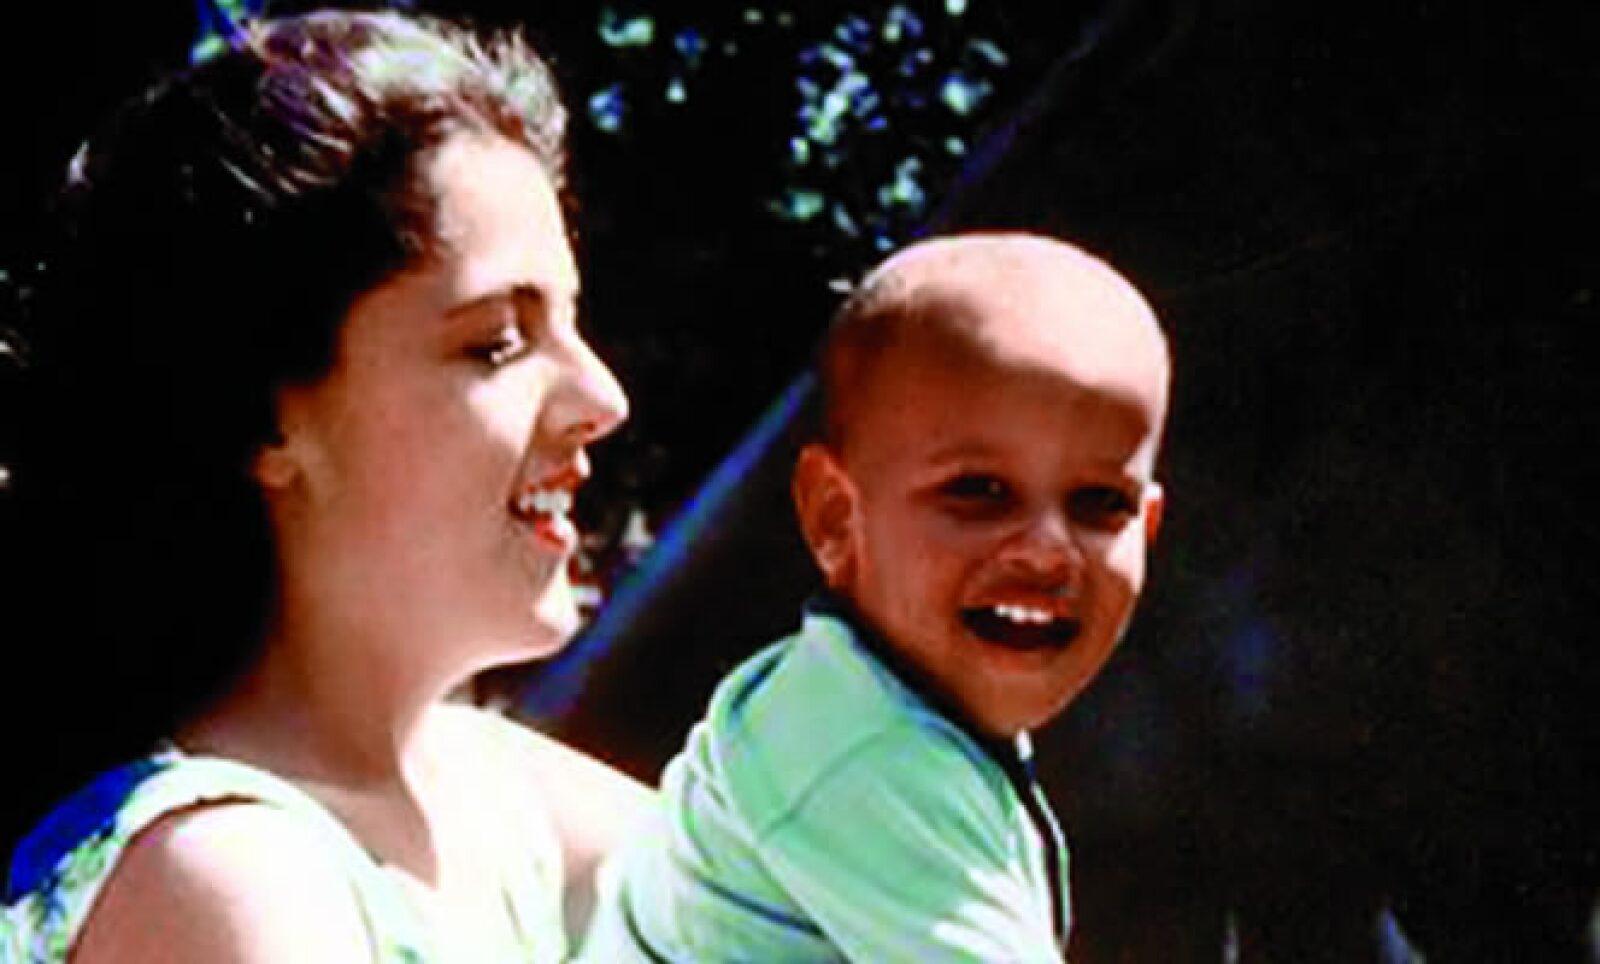 De su madre, Stanley Ann Dunham, aprendió los valores de la tolerancia, el respeto a las diferencias y la búsqueda de la justicia social.